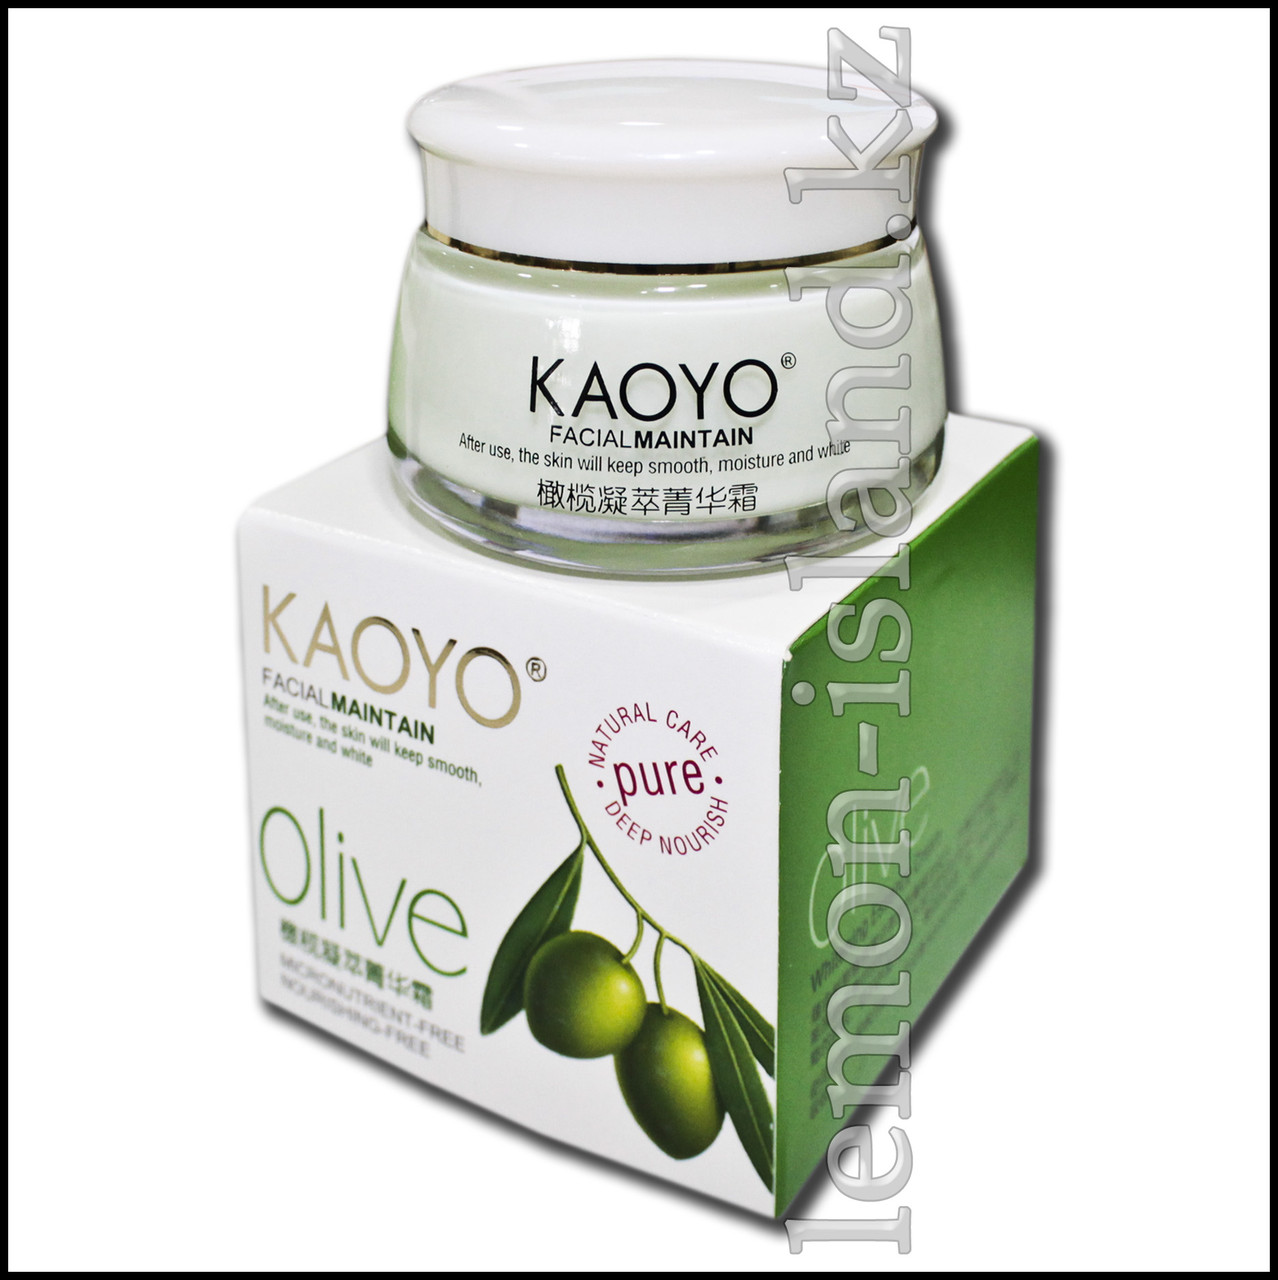 Крем для лица Kaoyo увлажняющий с экстрактом оливы.